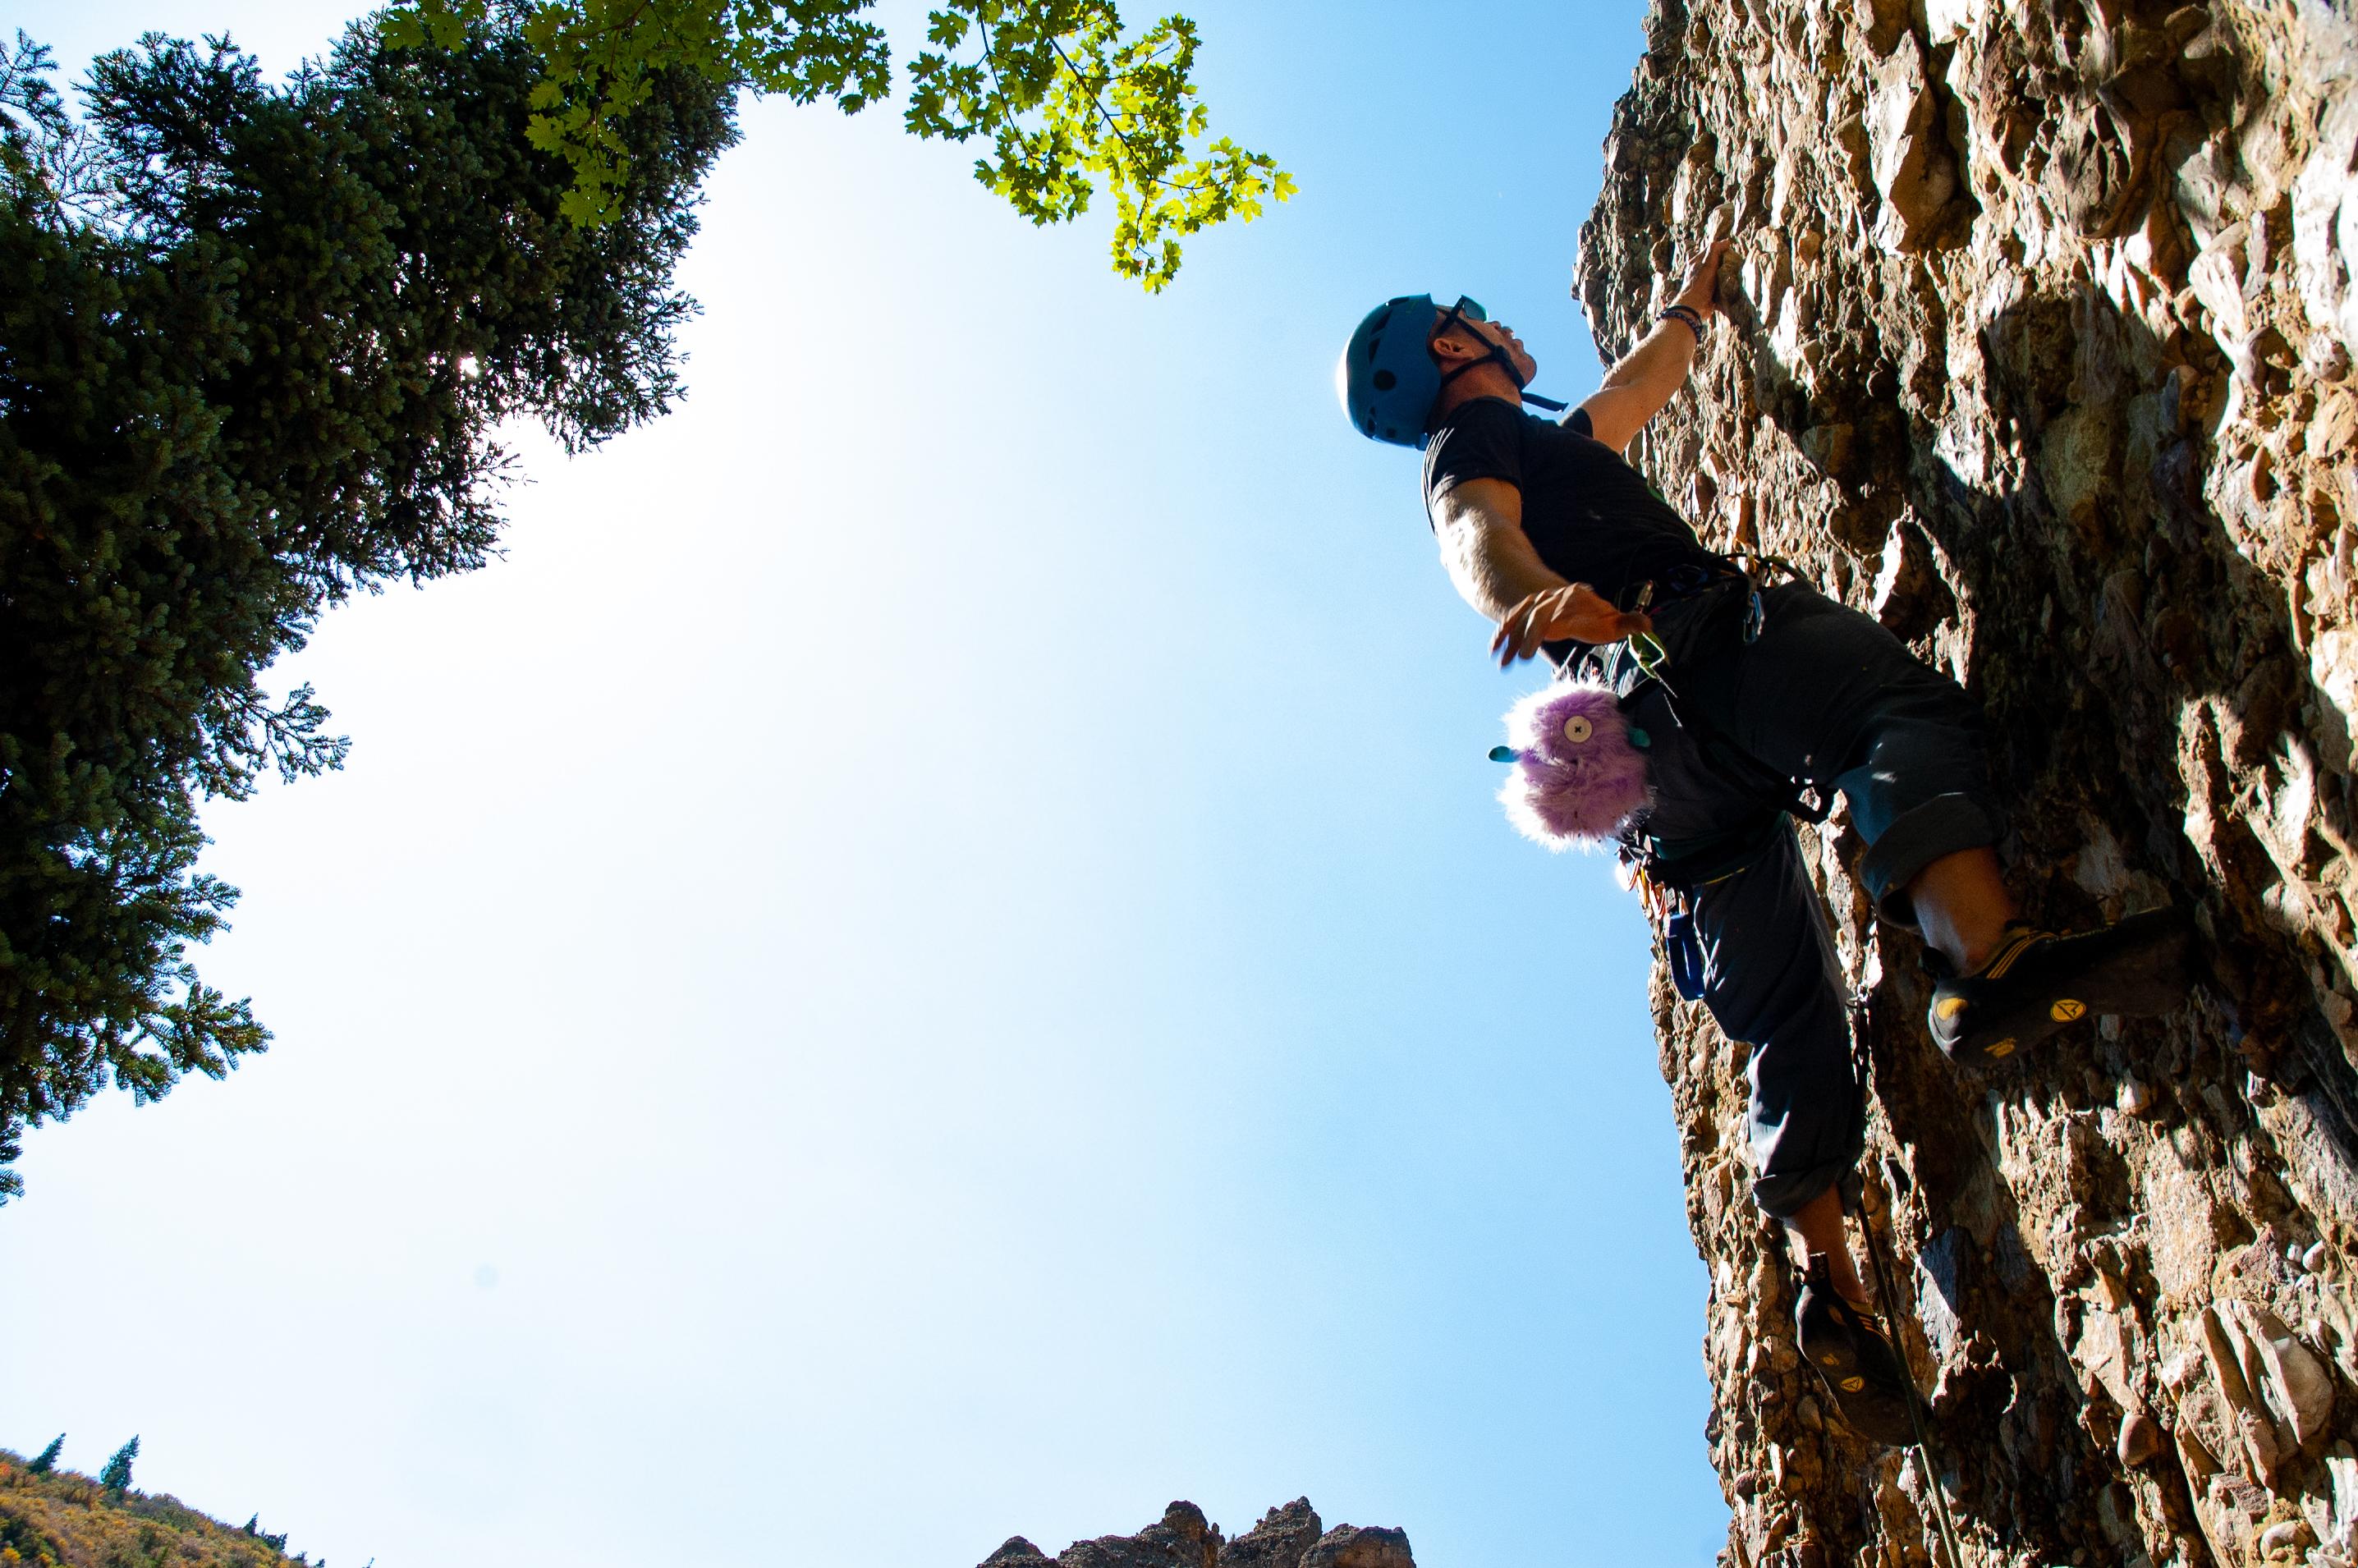 rock climber heading toward the sky